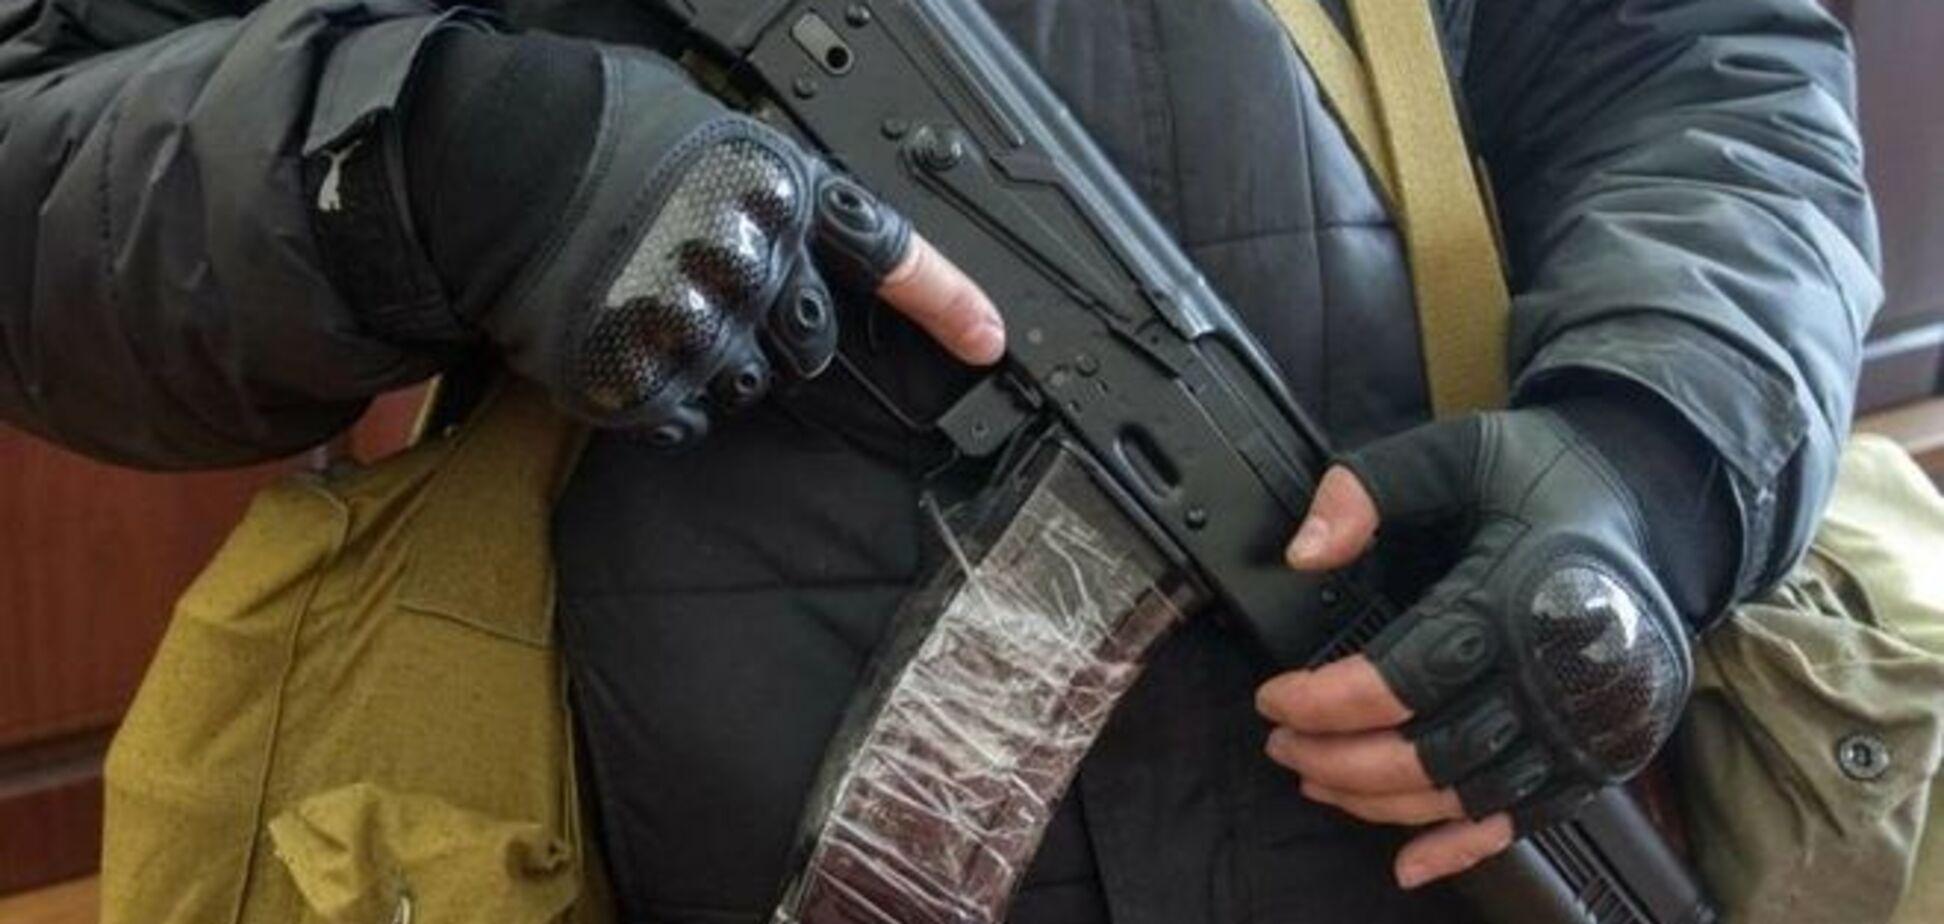 Боевики 'ЛНР' продают людям справки 'из комендатуры' за две тысячи